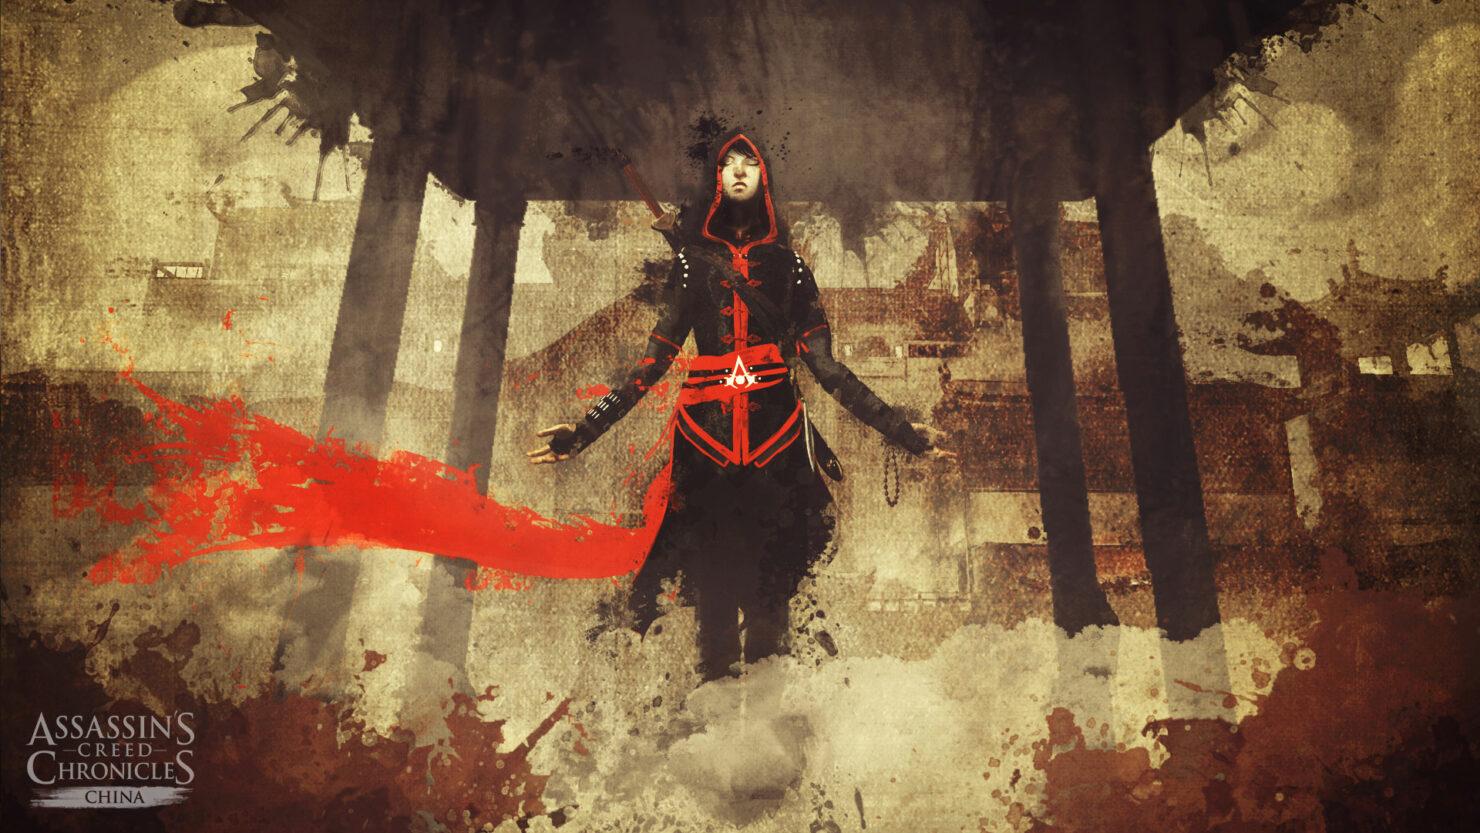 assassins-creed-china-7